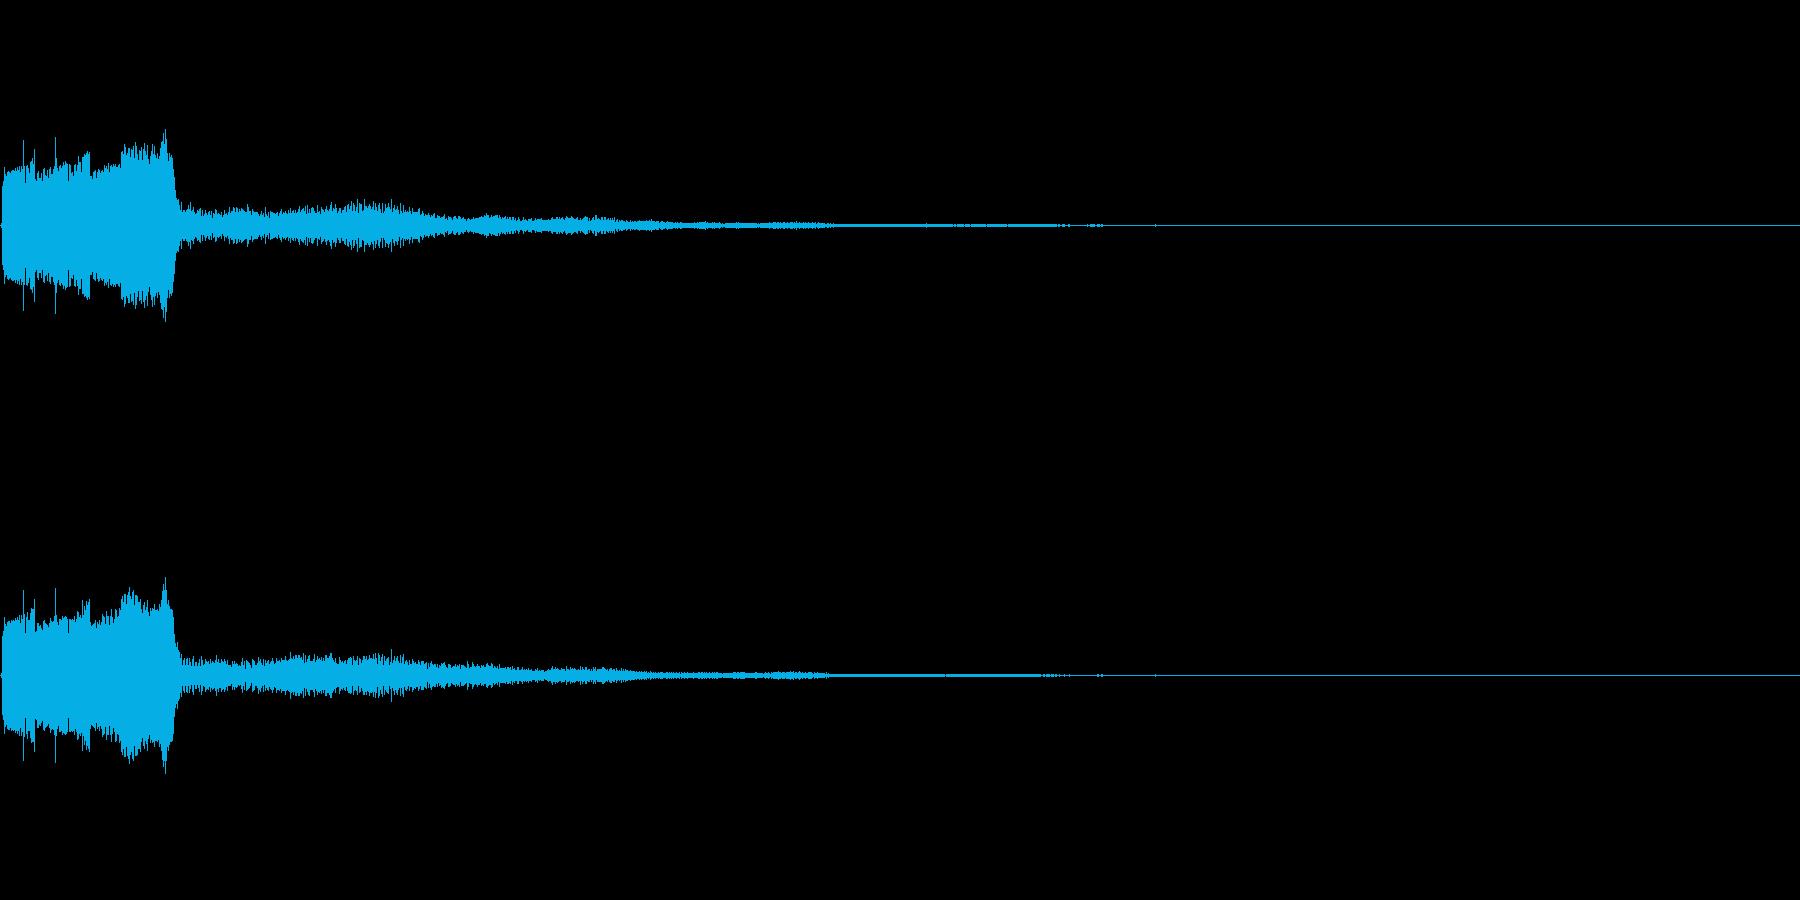 ピコピコ(決定音、ゲーム、アプリ、動画)の再生済みの波形